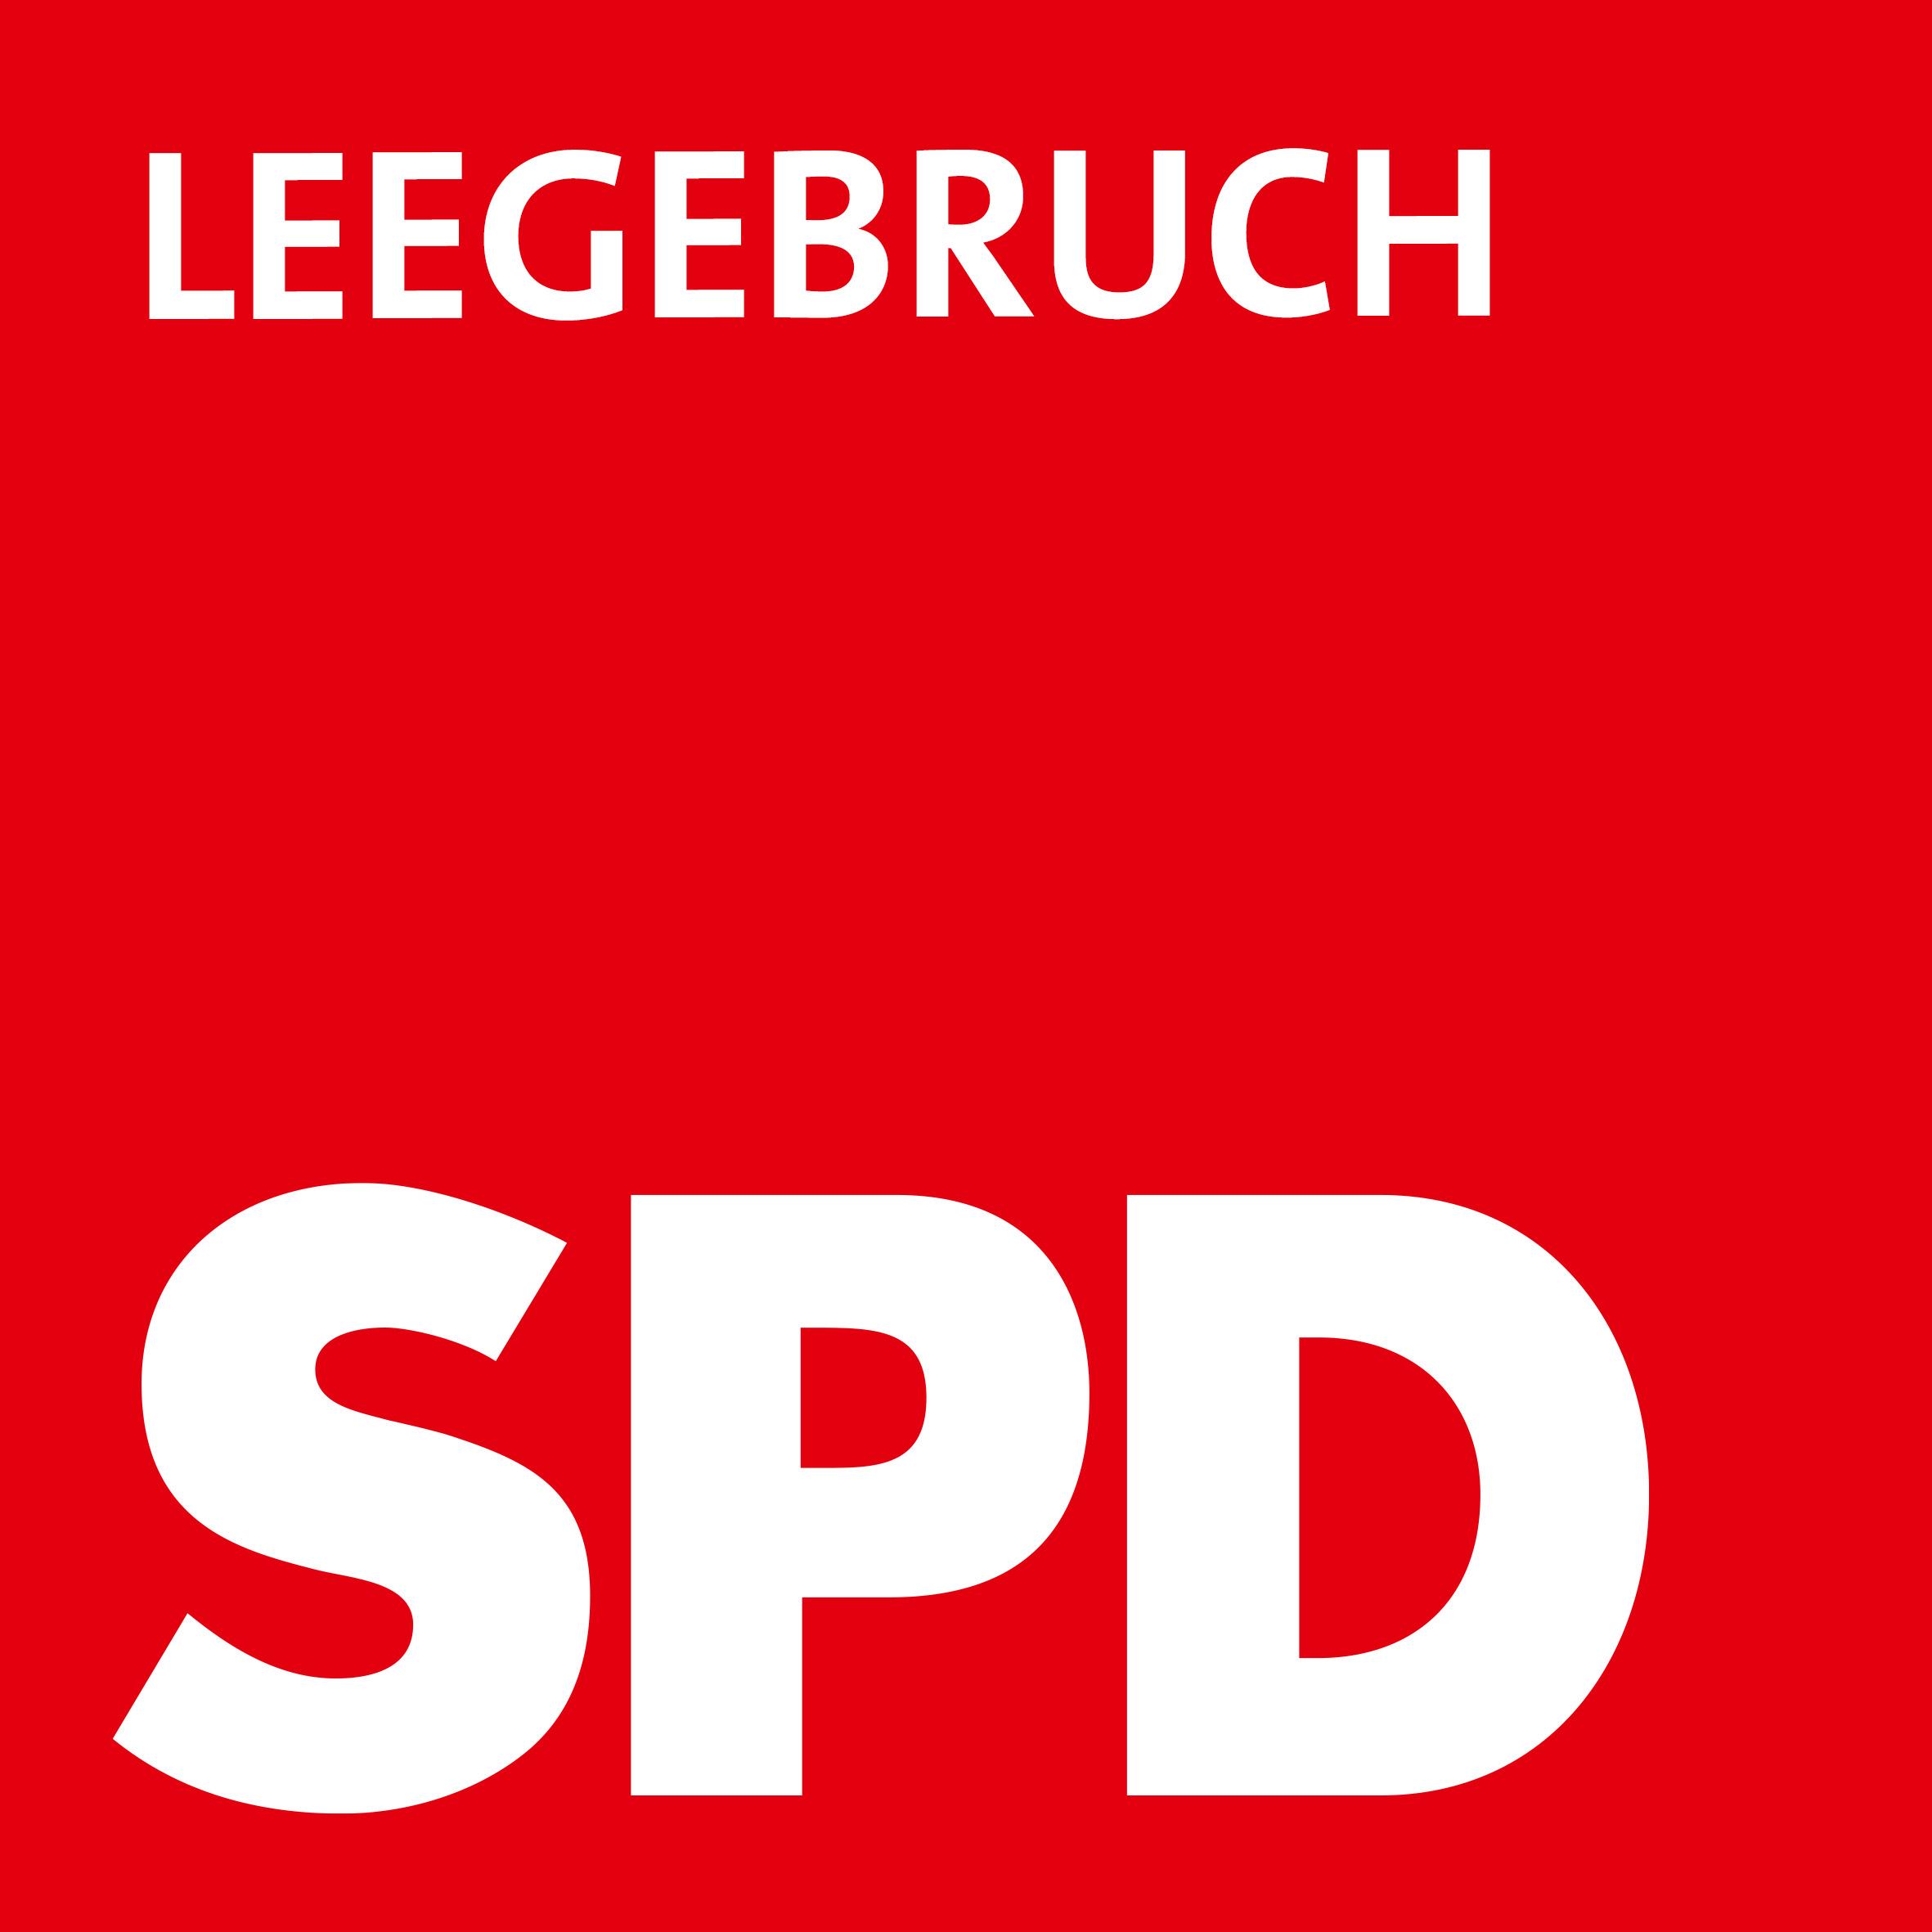 SPD Leegebruch